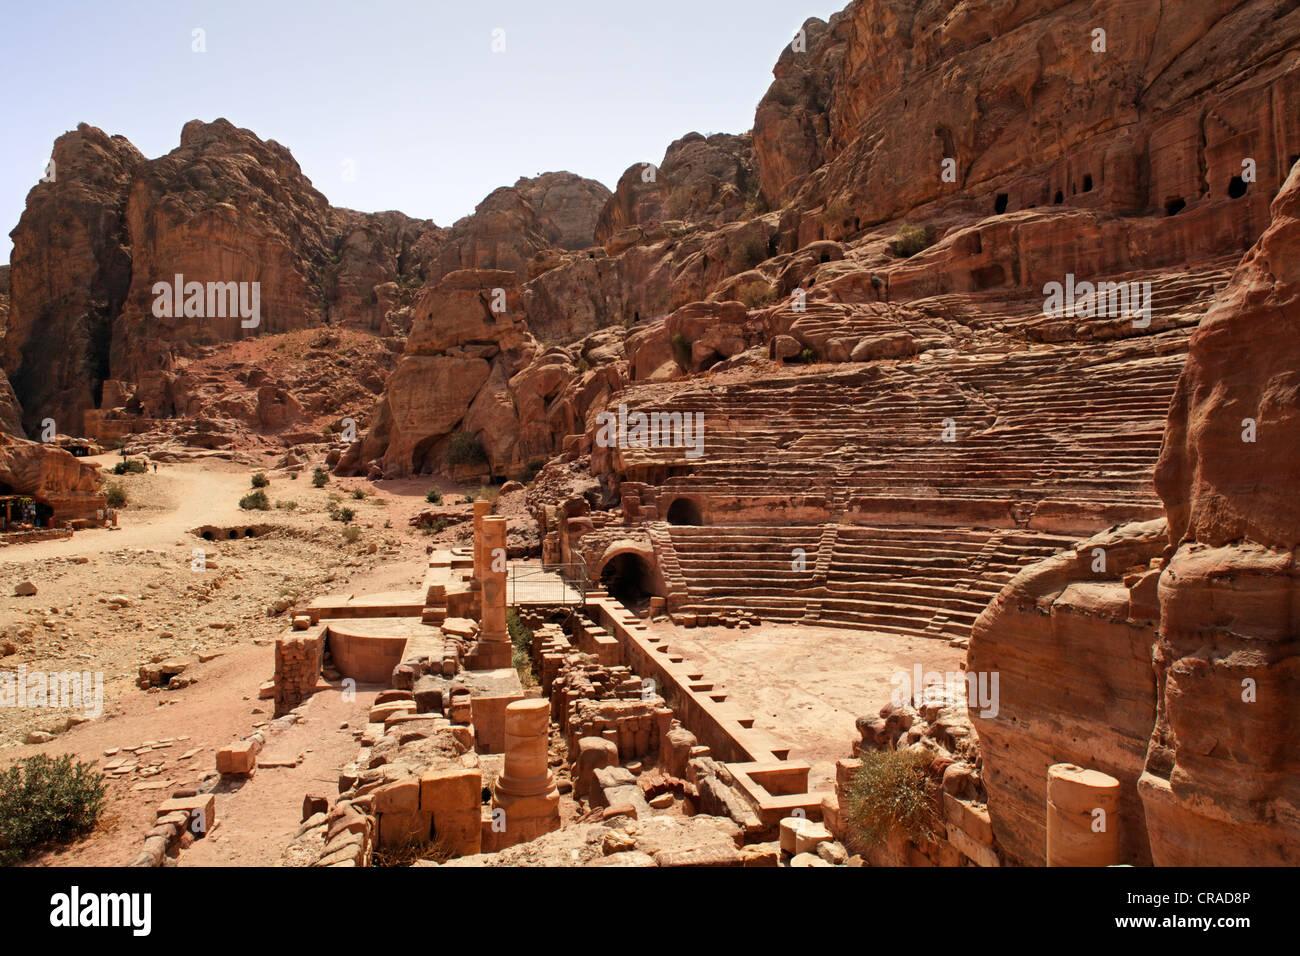 Römische Theater, Petra, die Hauptstadt der Nabatäer, Felsenstadt, UNESCO-Weltkulturerbe Hertage, Wadi Stockbild